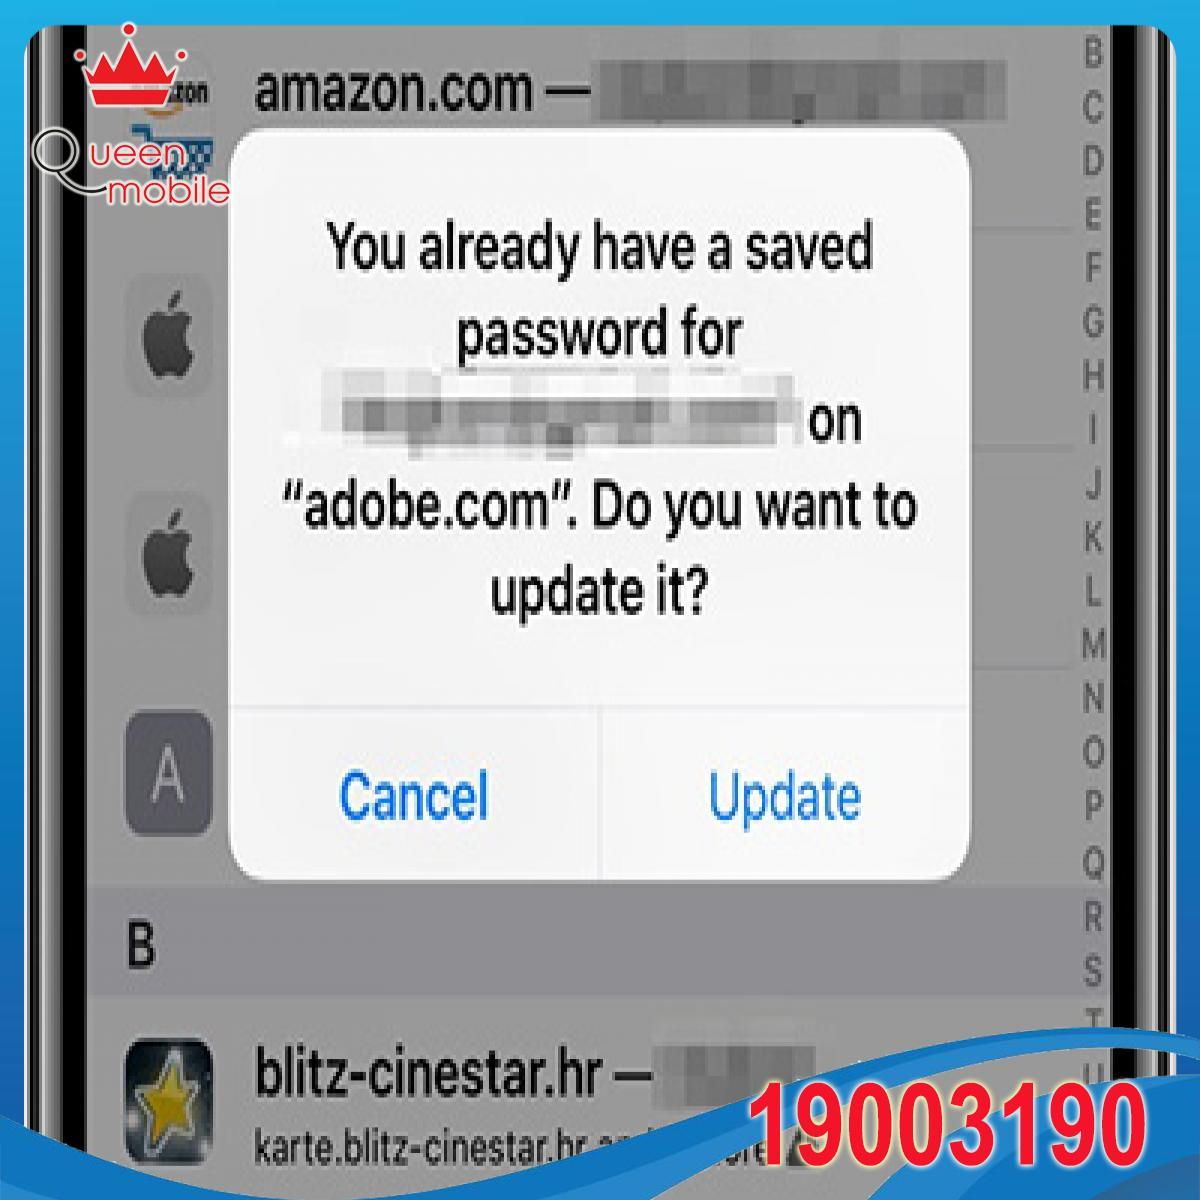 Hướng dẫn gửi mật khẩu giữa các thiết bị iPhone, iPad và Mac gần đó bằng AirDrop